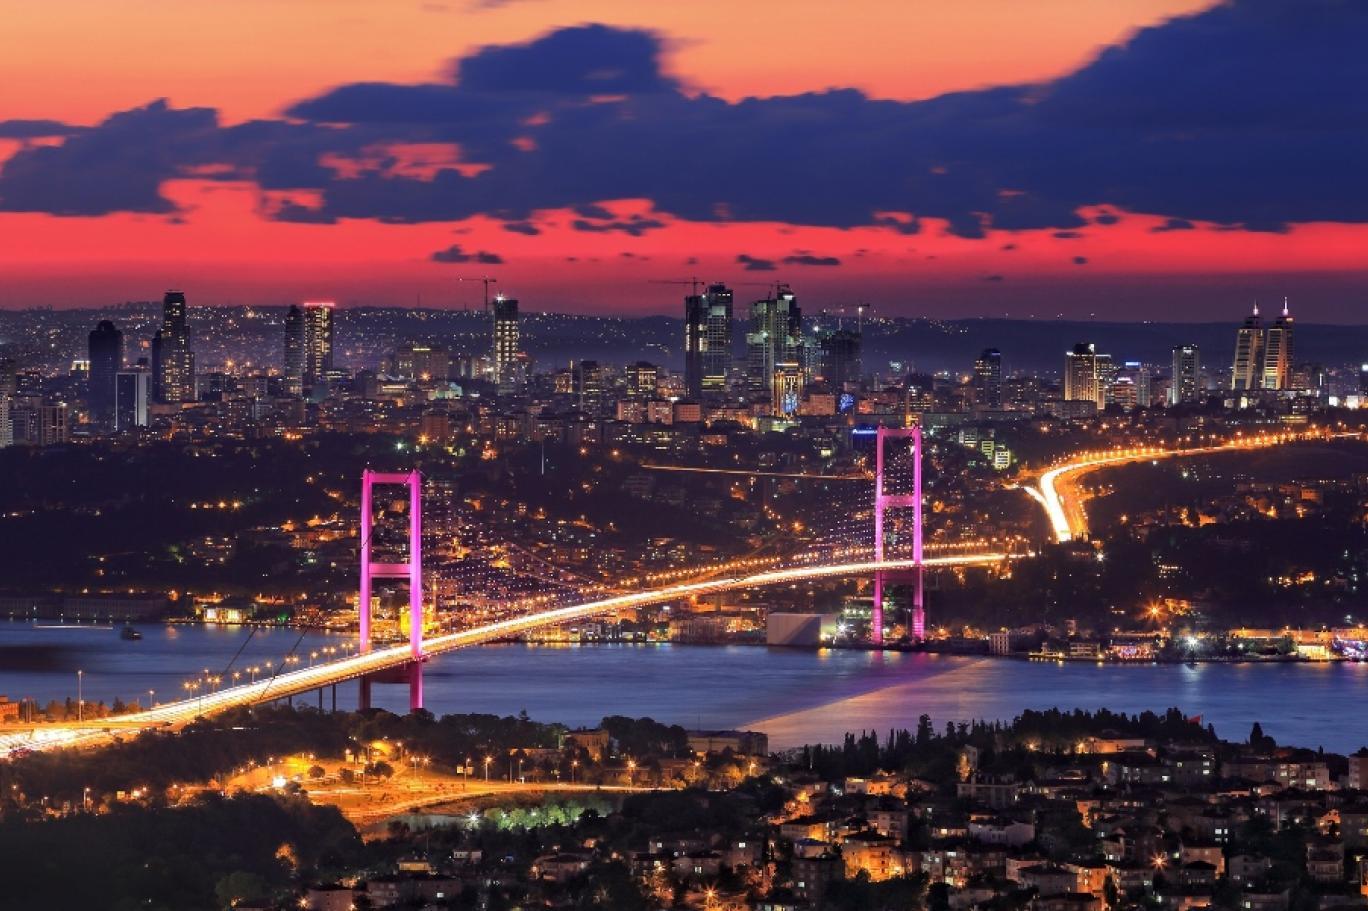 فرص عمل في اسطنبول, فرص عمل في تركيا, وظائف في اسطنبول, العمل في تركيا, وظائف في تركيا, وظائف اسطنبول, فرص عمل, فرص عمل في تركيا اليوم, فرص العمل في تركيا, فرص عمل في اسطنبول الاوربية اليوم, عمل في تركيا, فرص عمل في اسطنبول الفاتح, البحث عن عمل في تركيا, عمل في اسطنبول, فرص عمل في اسطنبول اليوم, شغل في تركيا, وظائف شاغرة في تركيا للعرب, بحث عن عمل في تركيا, ابحث عن عمل في تركيا, وظائف تركيا, شغل في اسطنبول, فرص عمل اسطنبول